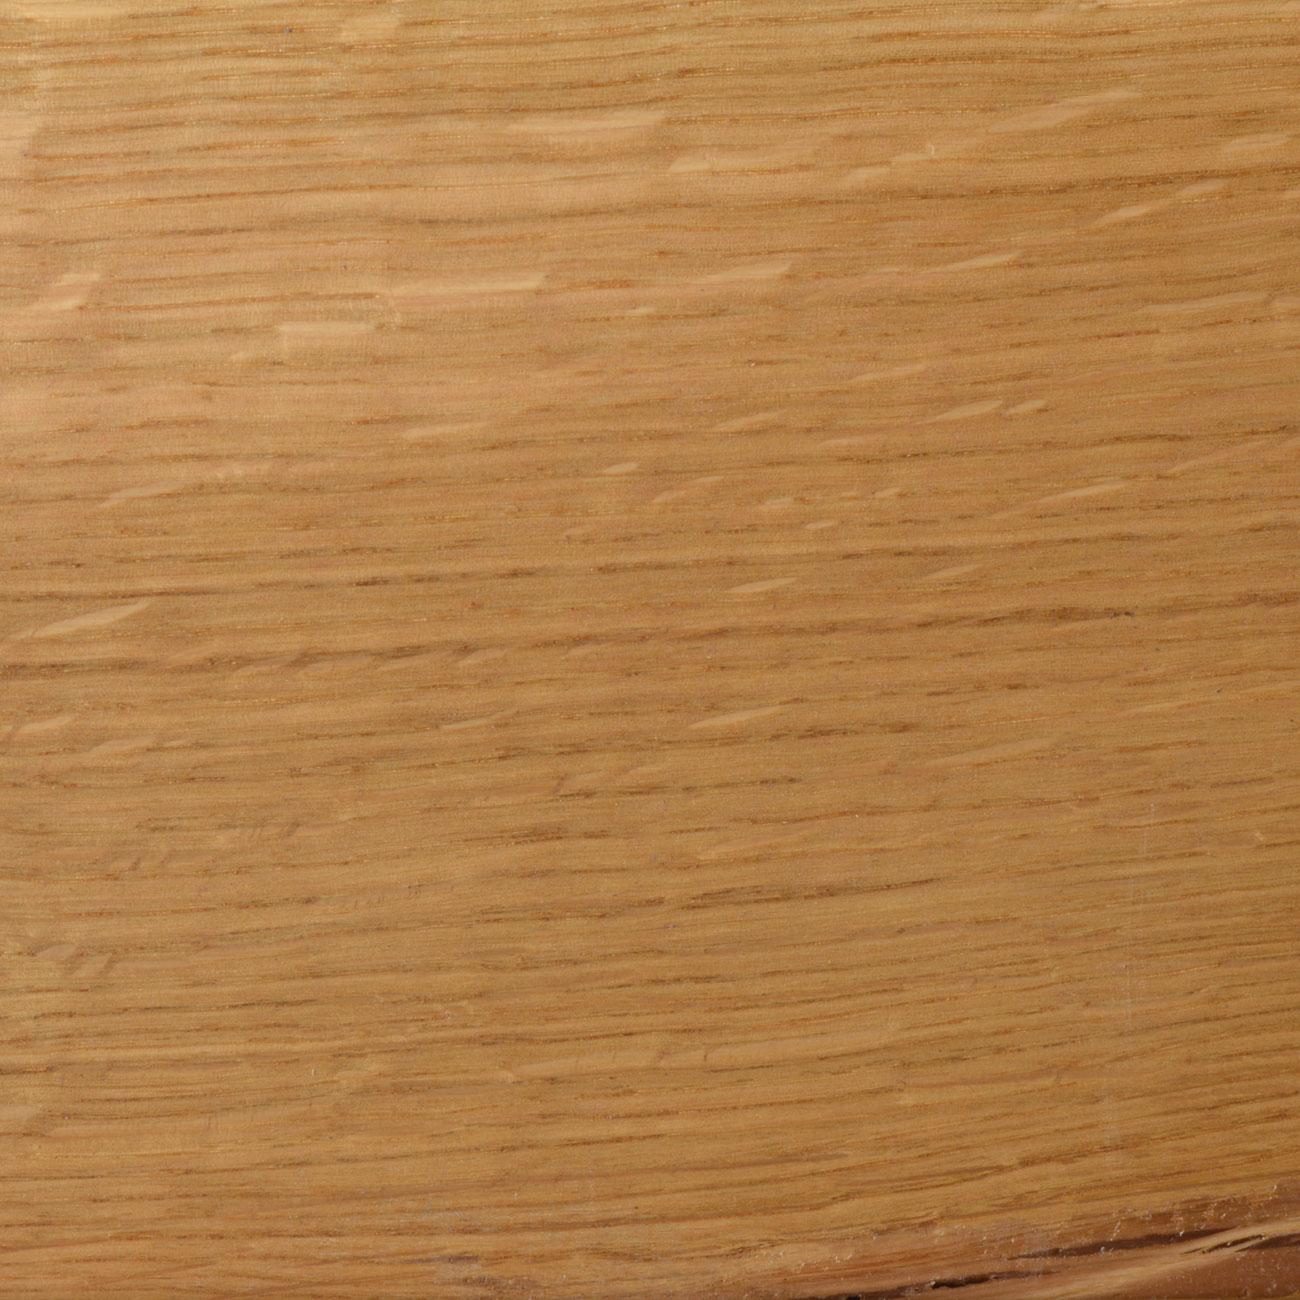 35.Eiche geschliffen, mit Faxe Universallauge weiß gelaugt und mit Faxe Holzbodenöl natur geölt